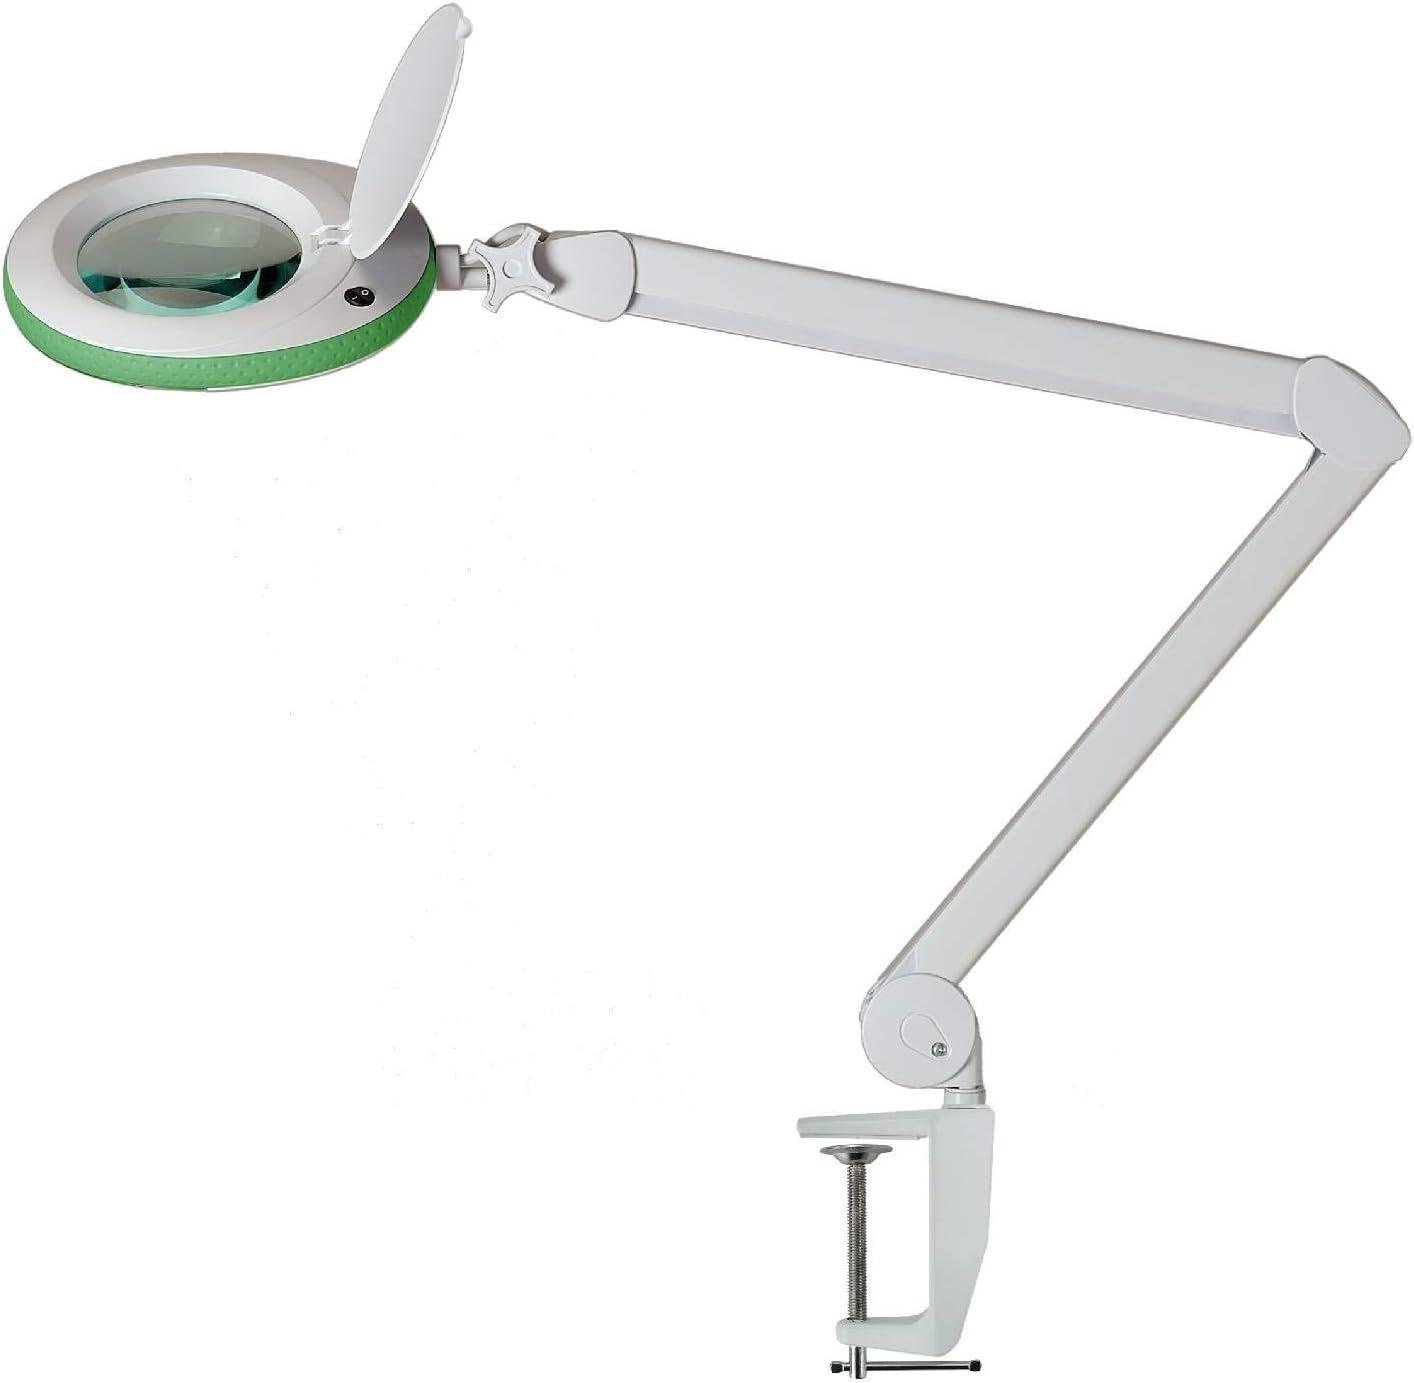 Lentille avec 3 Cabinet m/édicale Vert 3 dioptries Loupe dagrandissement Lumeno Lampe loupe avec 96 LED Bord de Caoutchouc Gris lumi/ère pour Salon de beaut/é 5 ou 8 dioptries